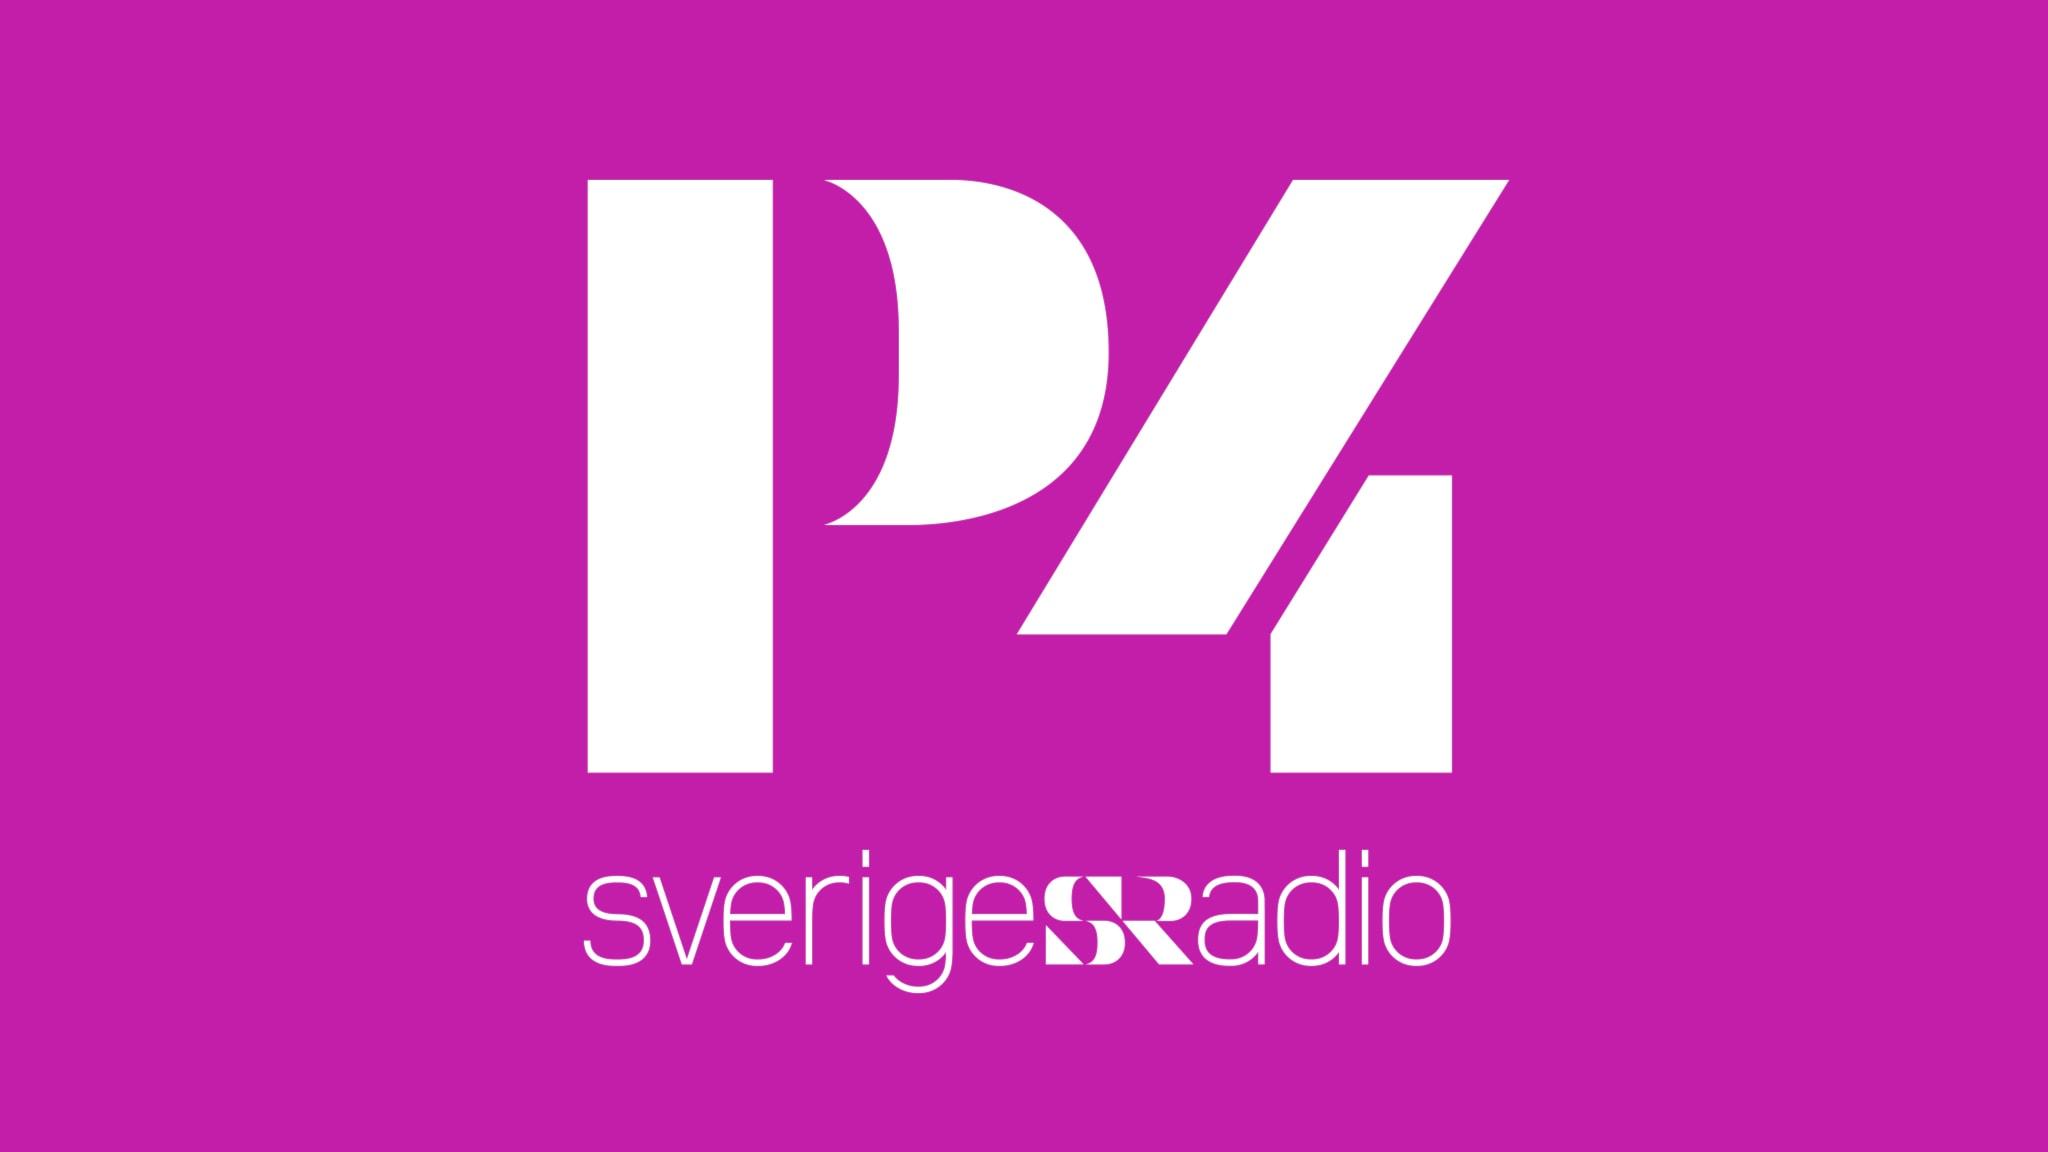 Trafik P4 Göteborg 20180928 18.18 (00.48)